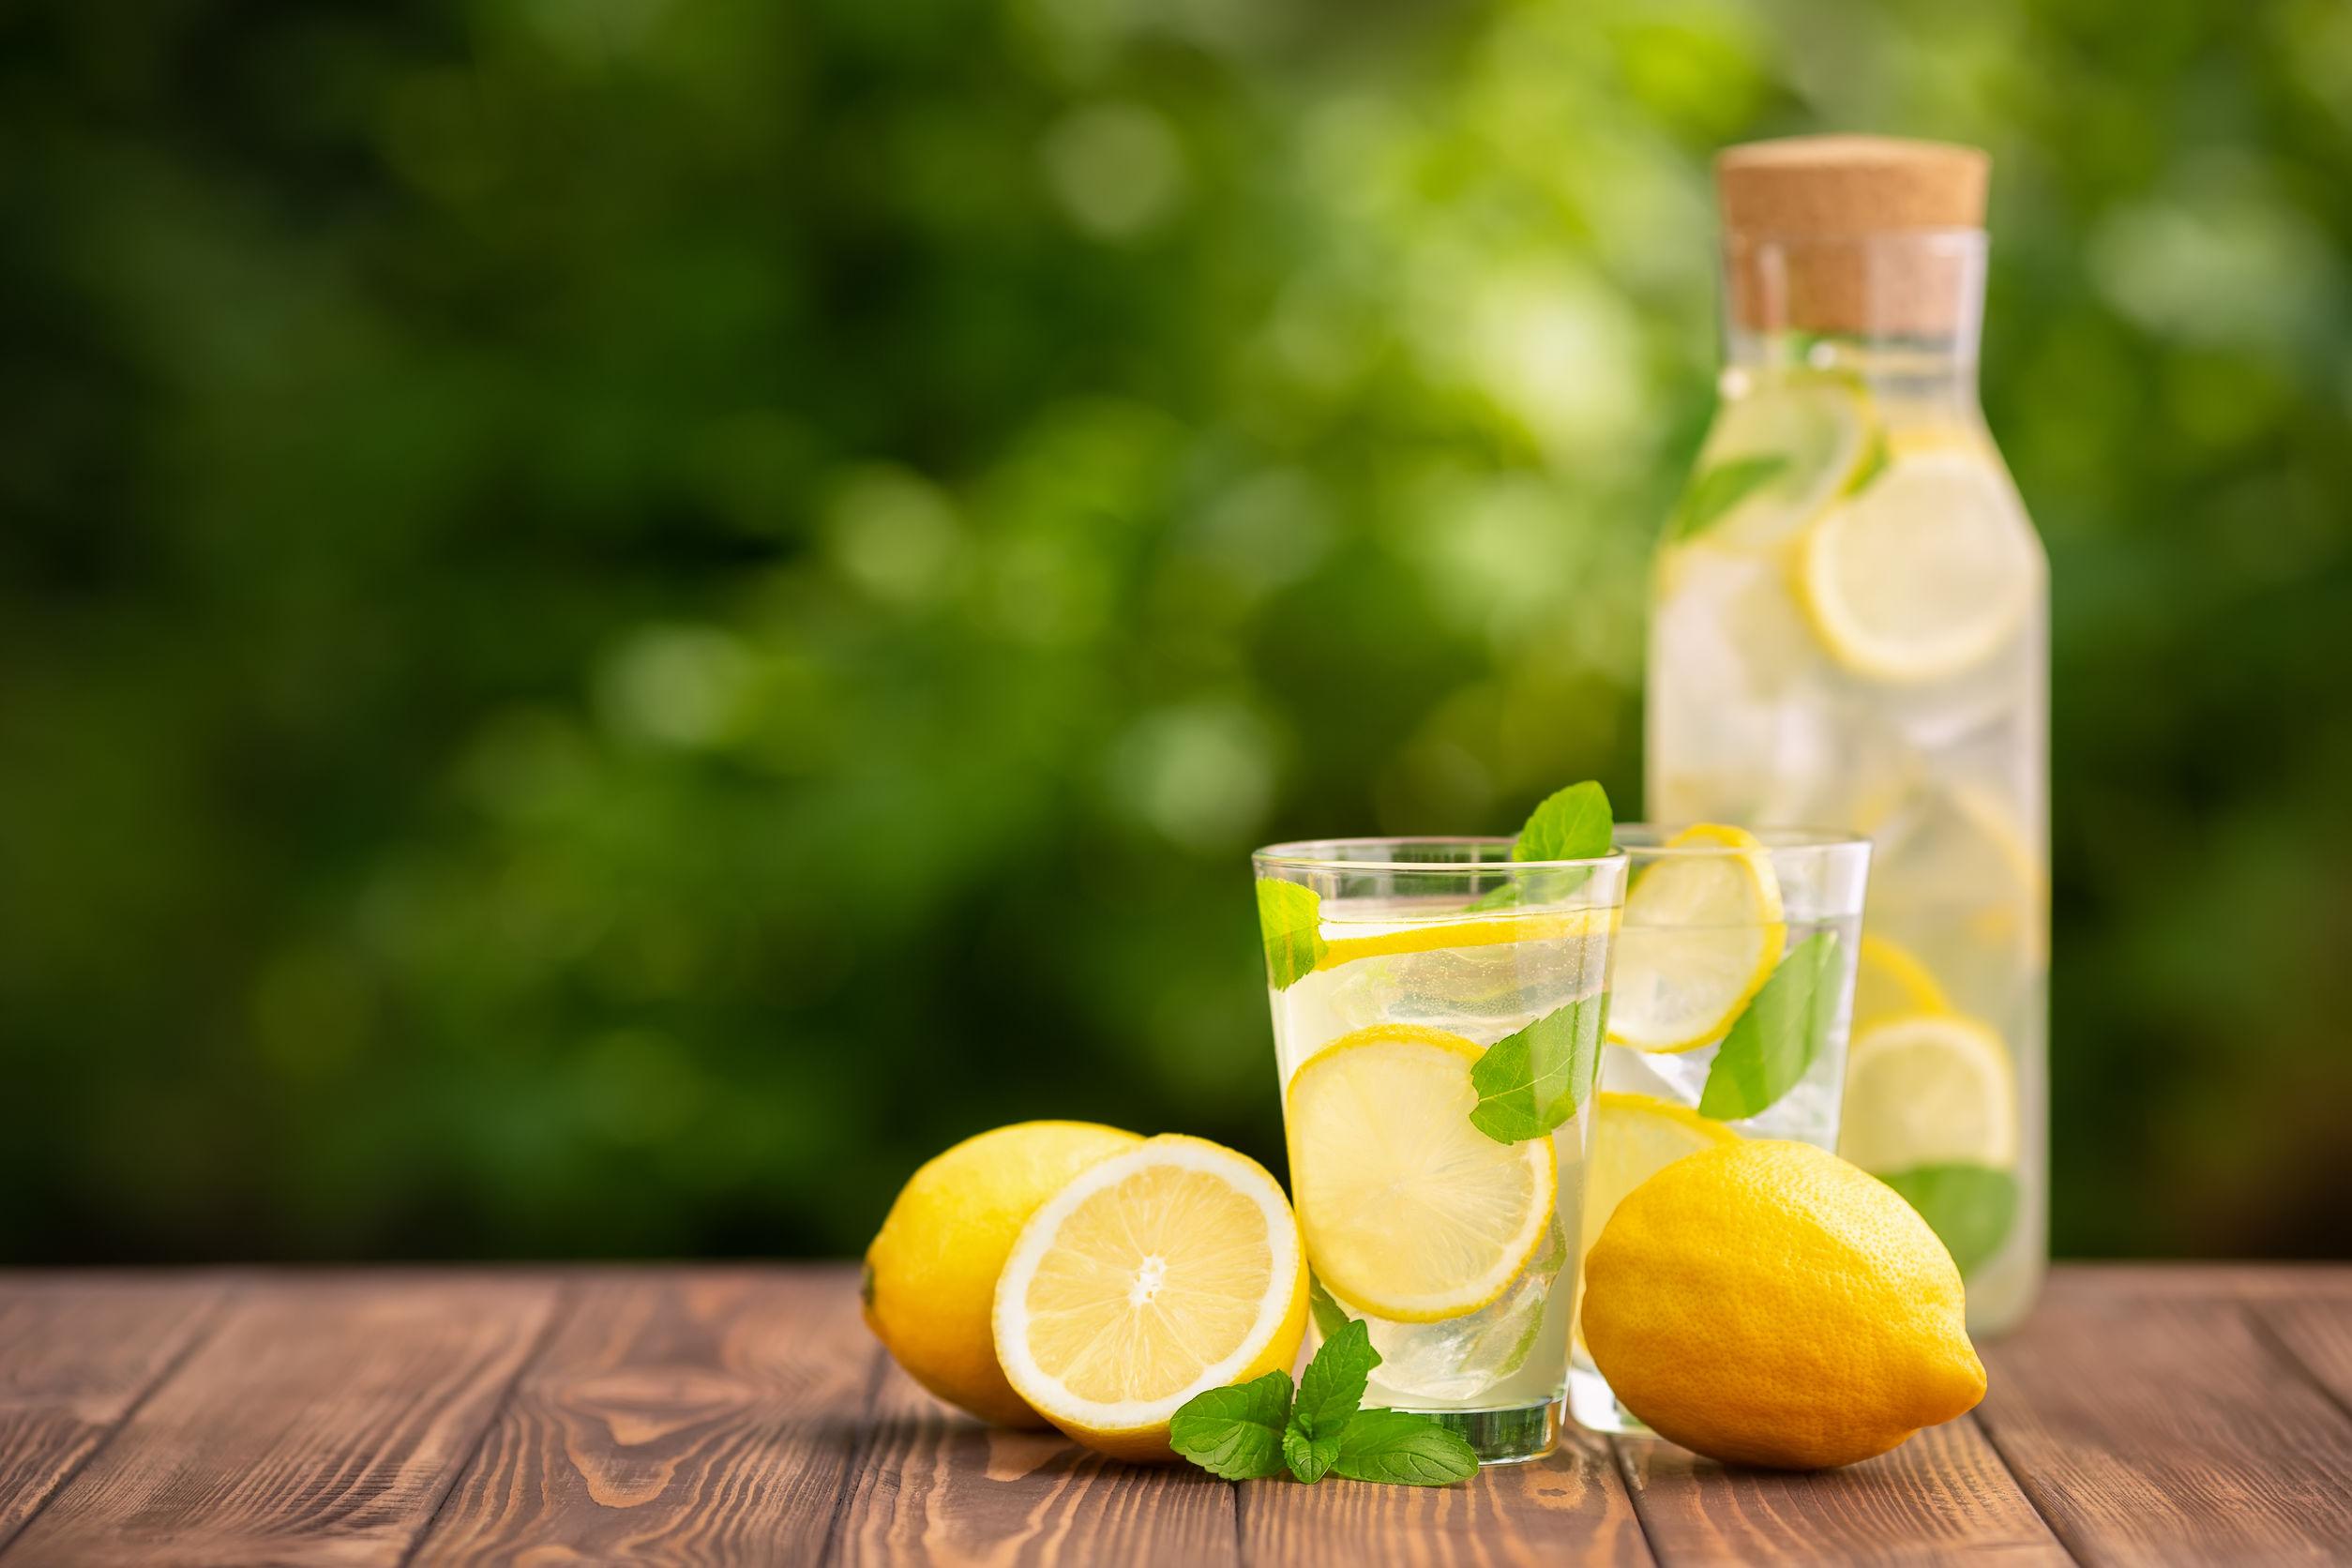 Az egyszerű, citromos víz csodákra képes